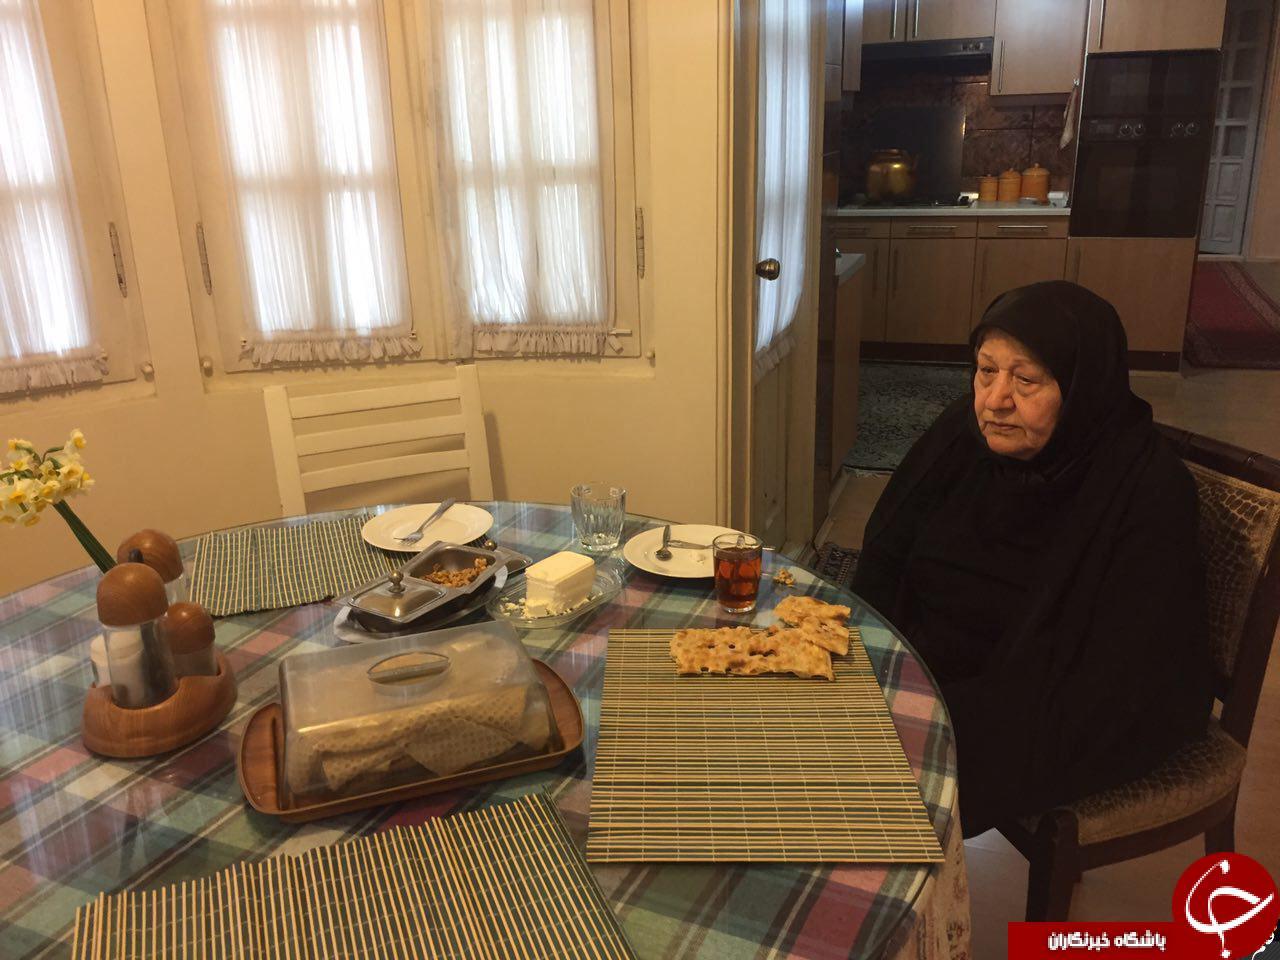 میز صبحانه امروز عفت مرعشی +عکس